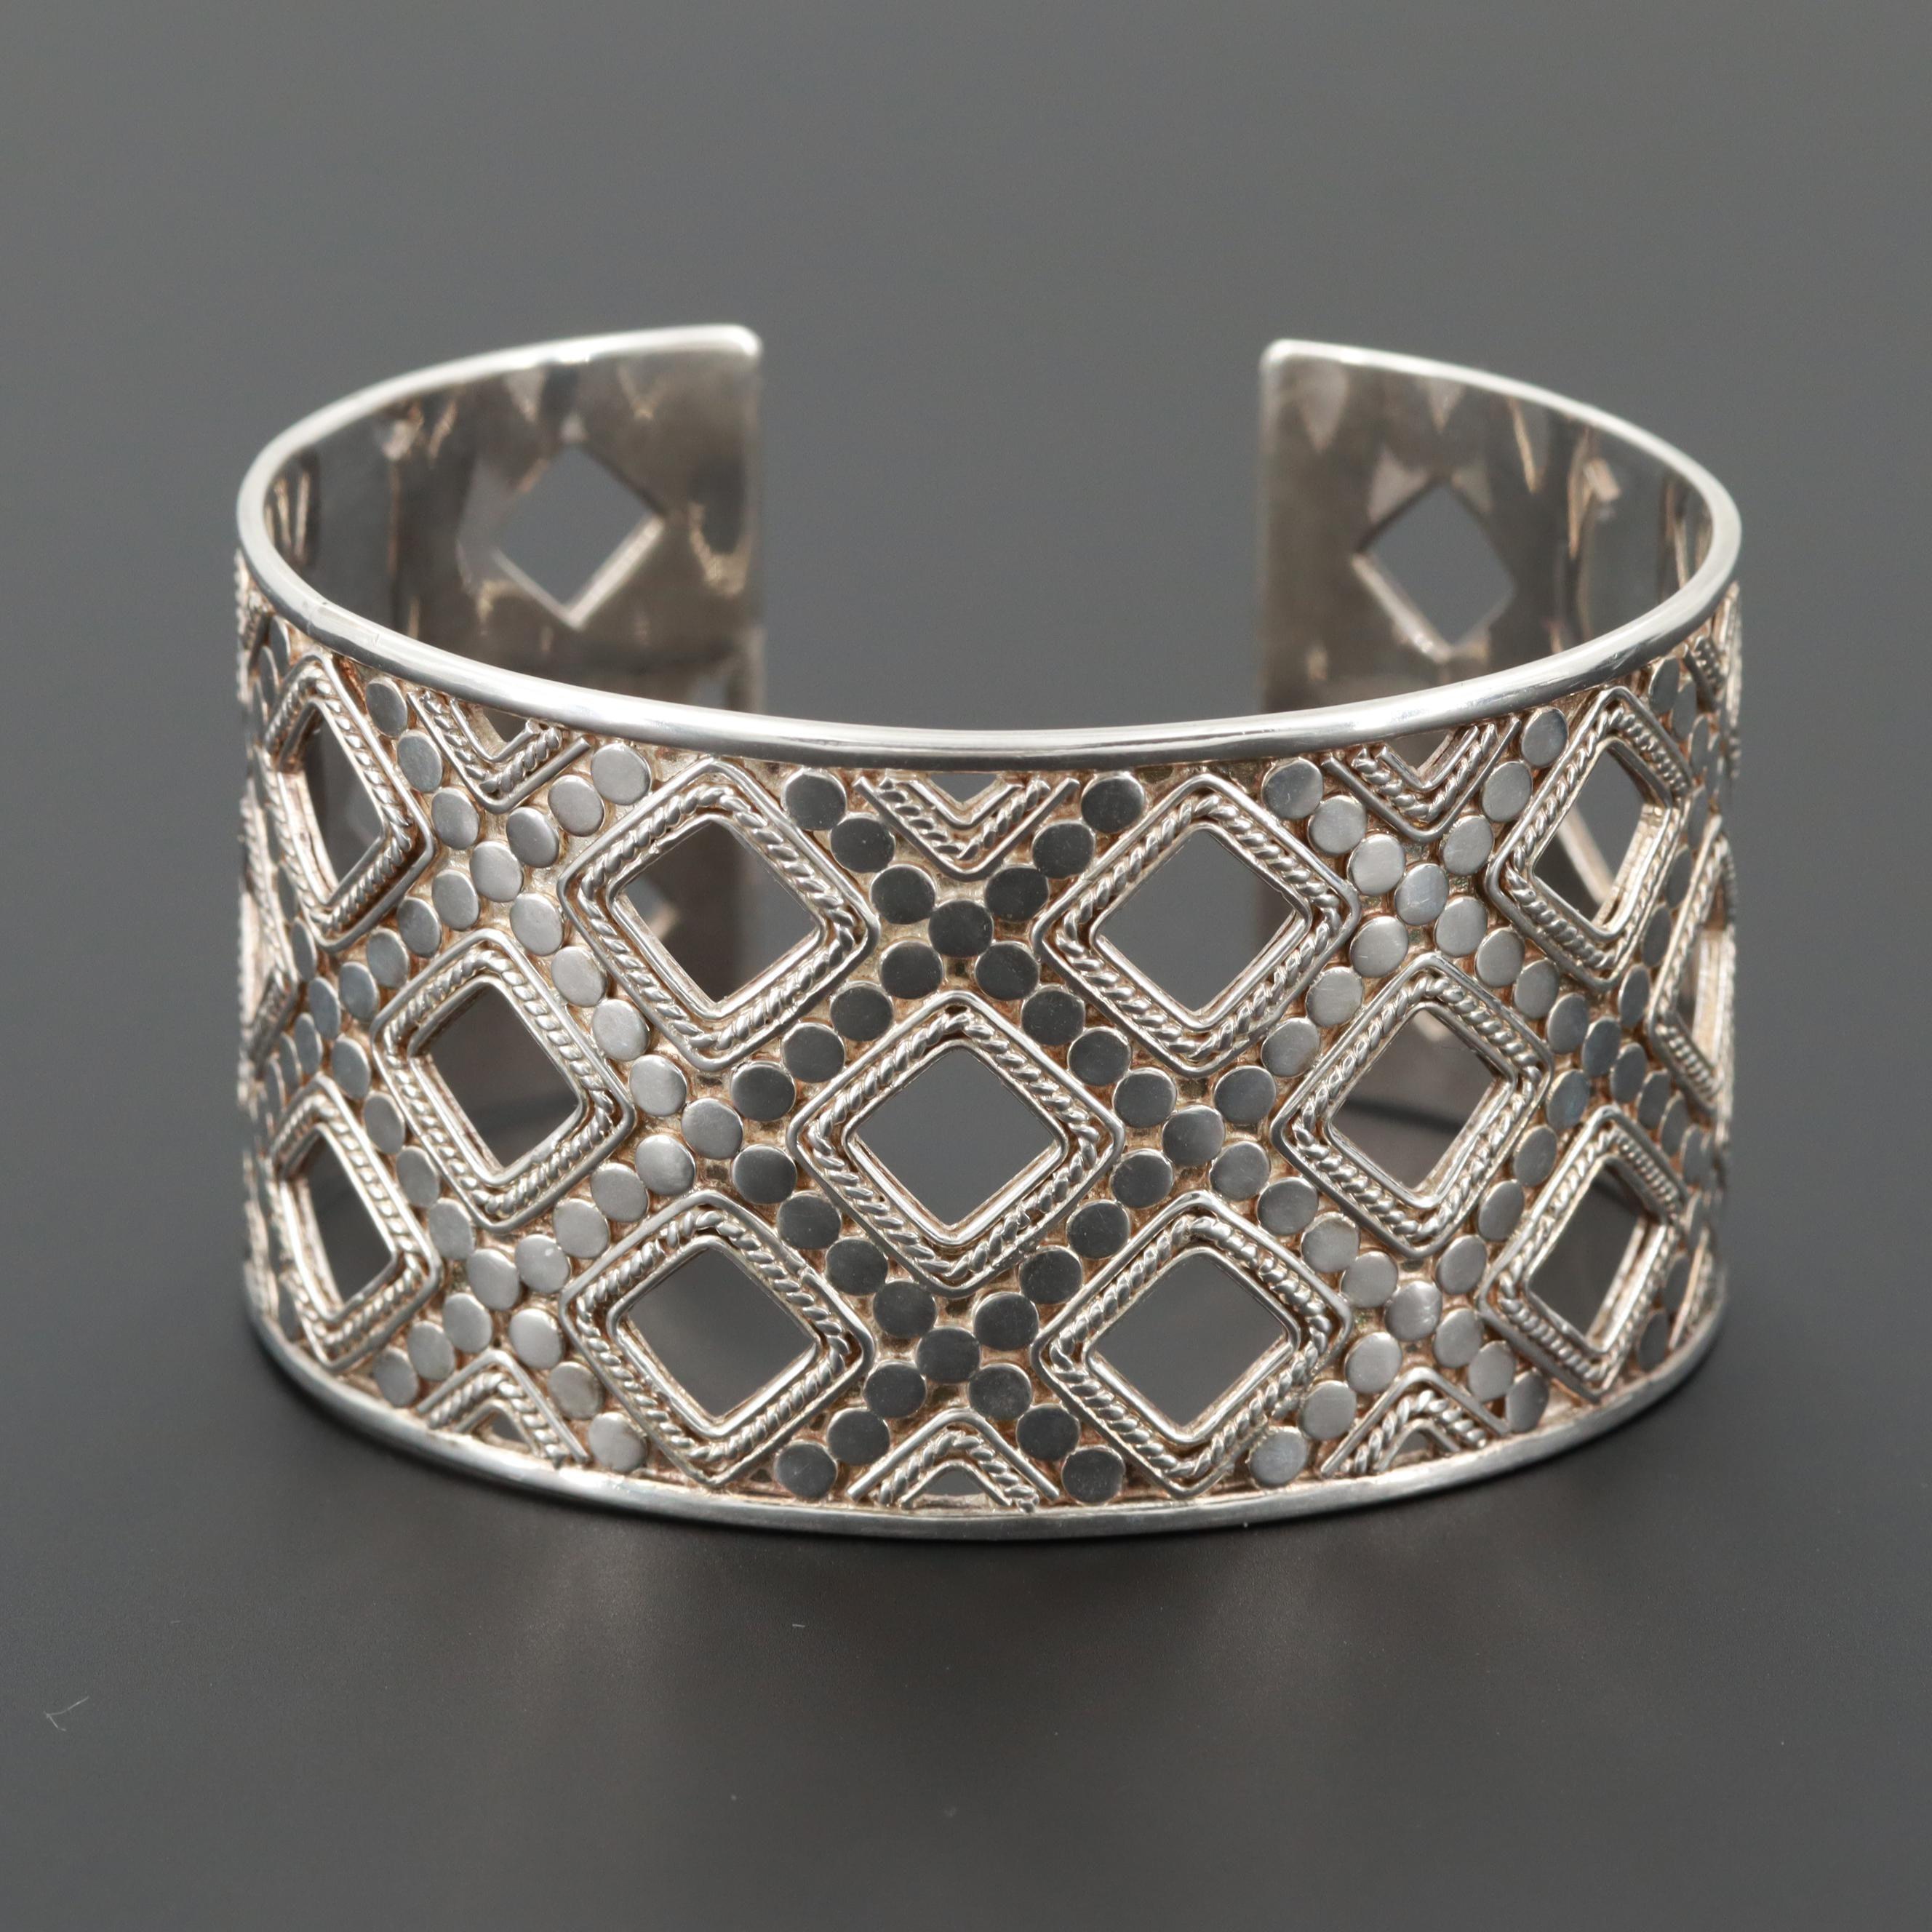 Anna Beck Sterling Silver Openwork Cuff Bracelet